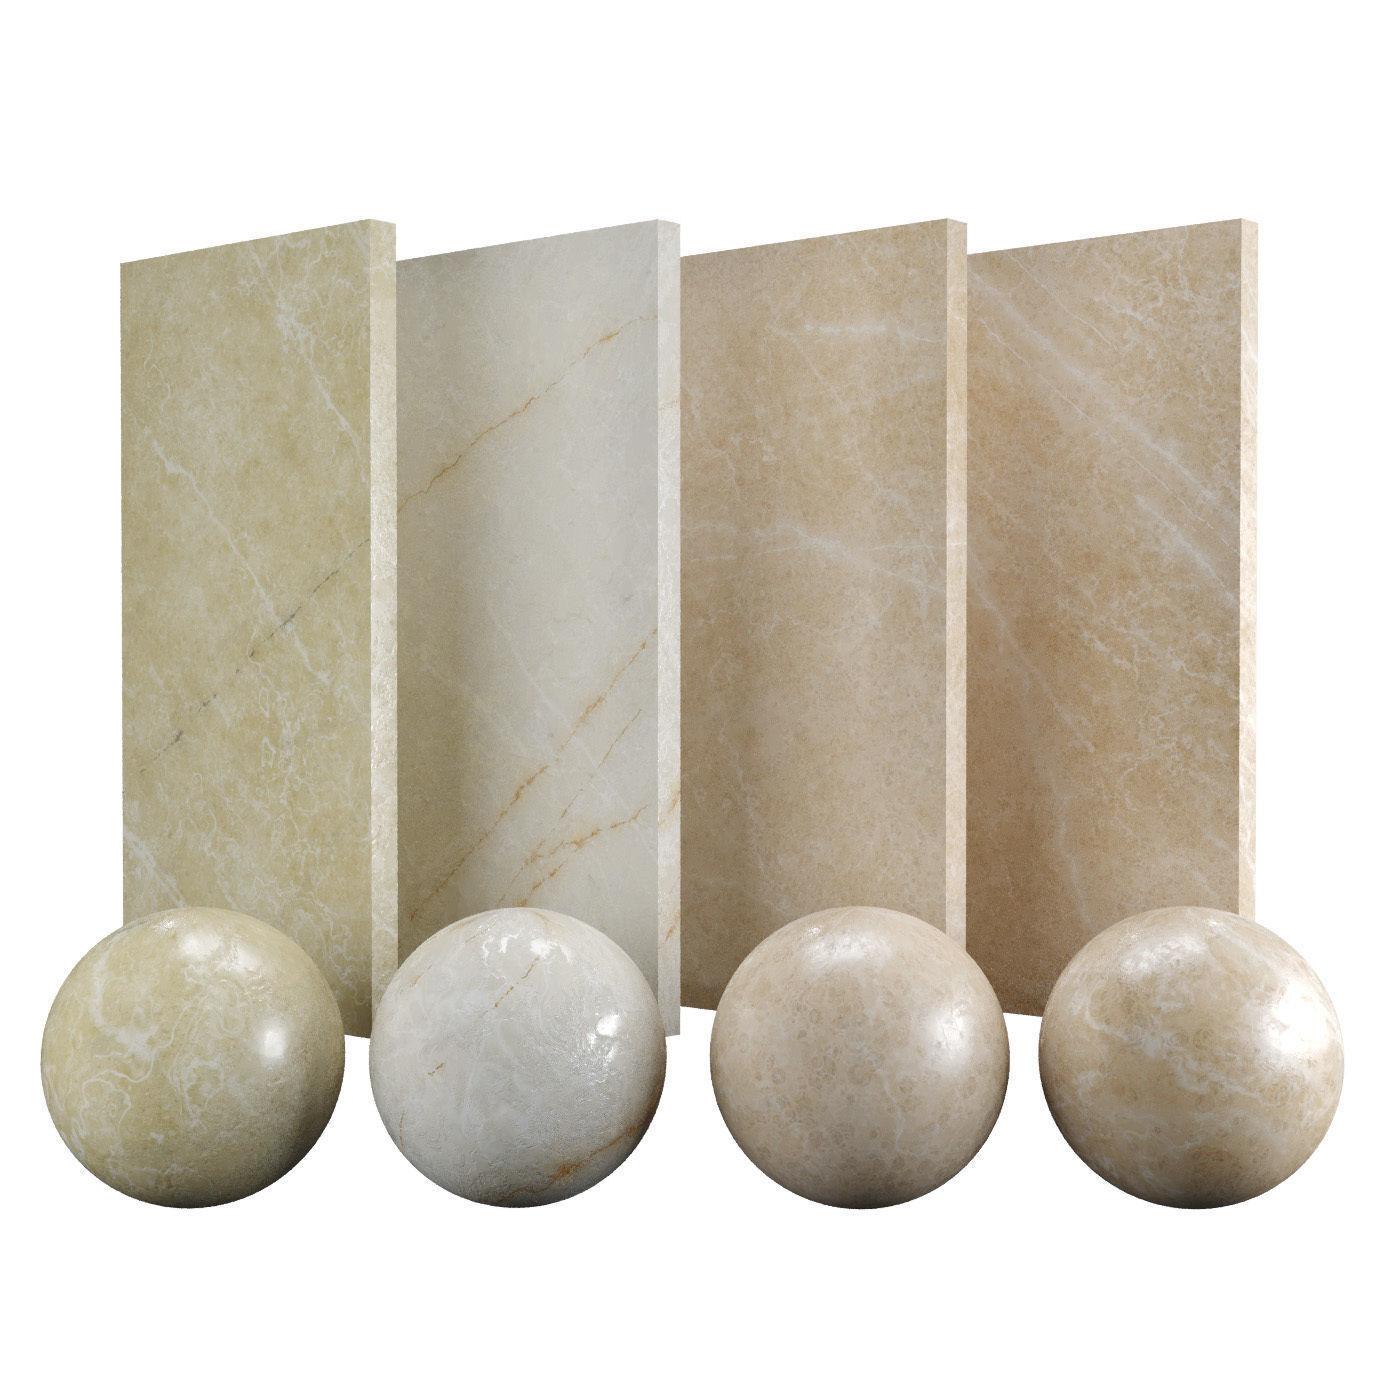 Beige Pavonazzo Marble Texture PBR Vray Corona 400 x 400 cm